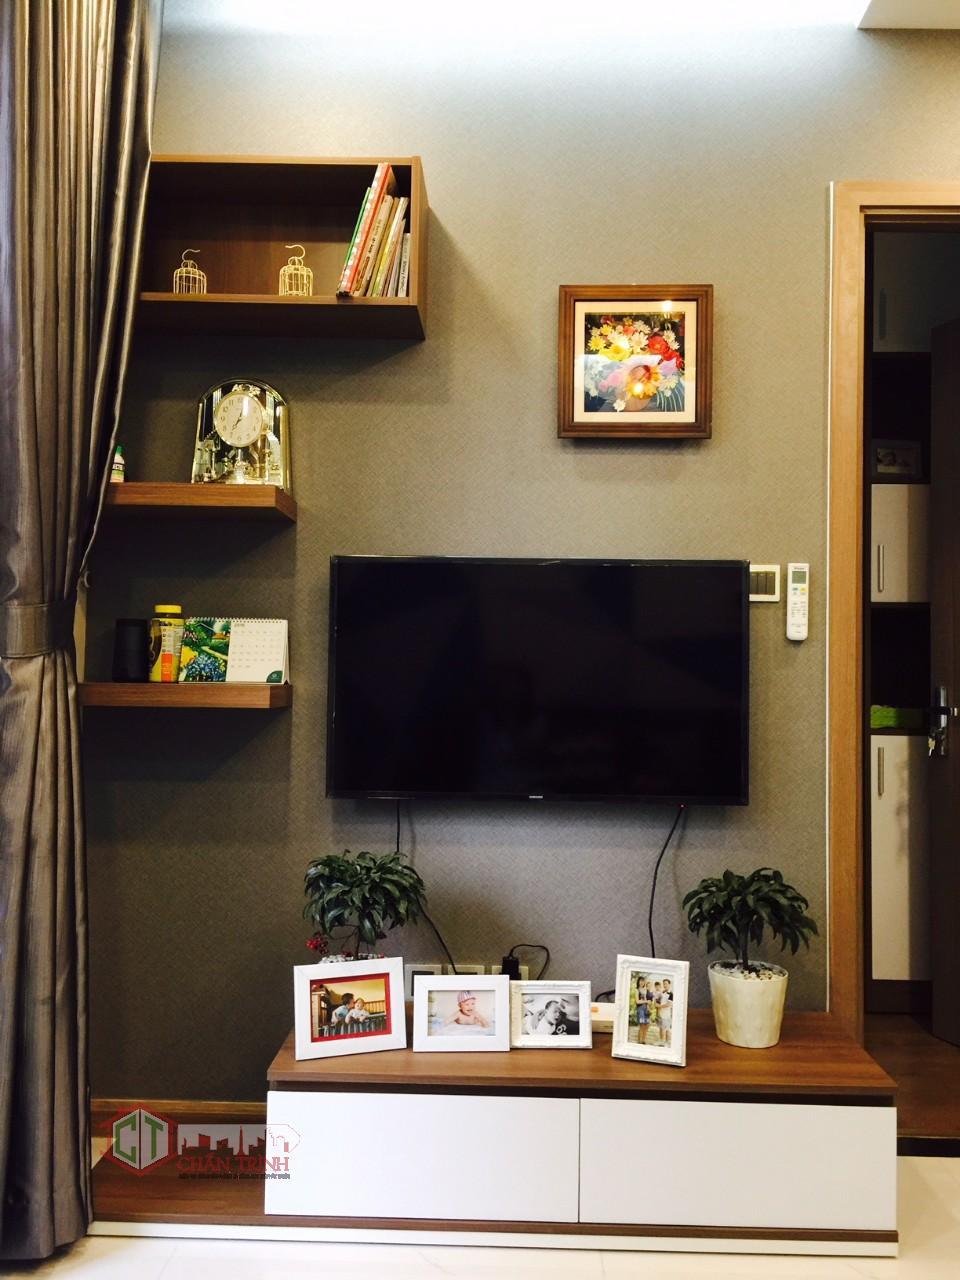 Khu vực tivi phòng khách căn hộ 1 phòng ngủ Vinhomes Tân Cảng